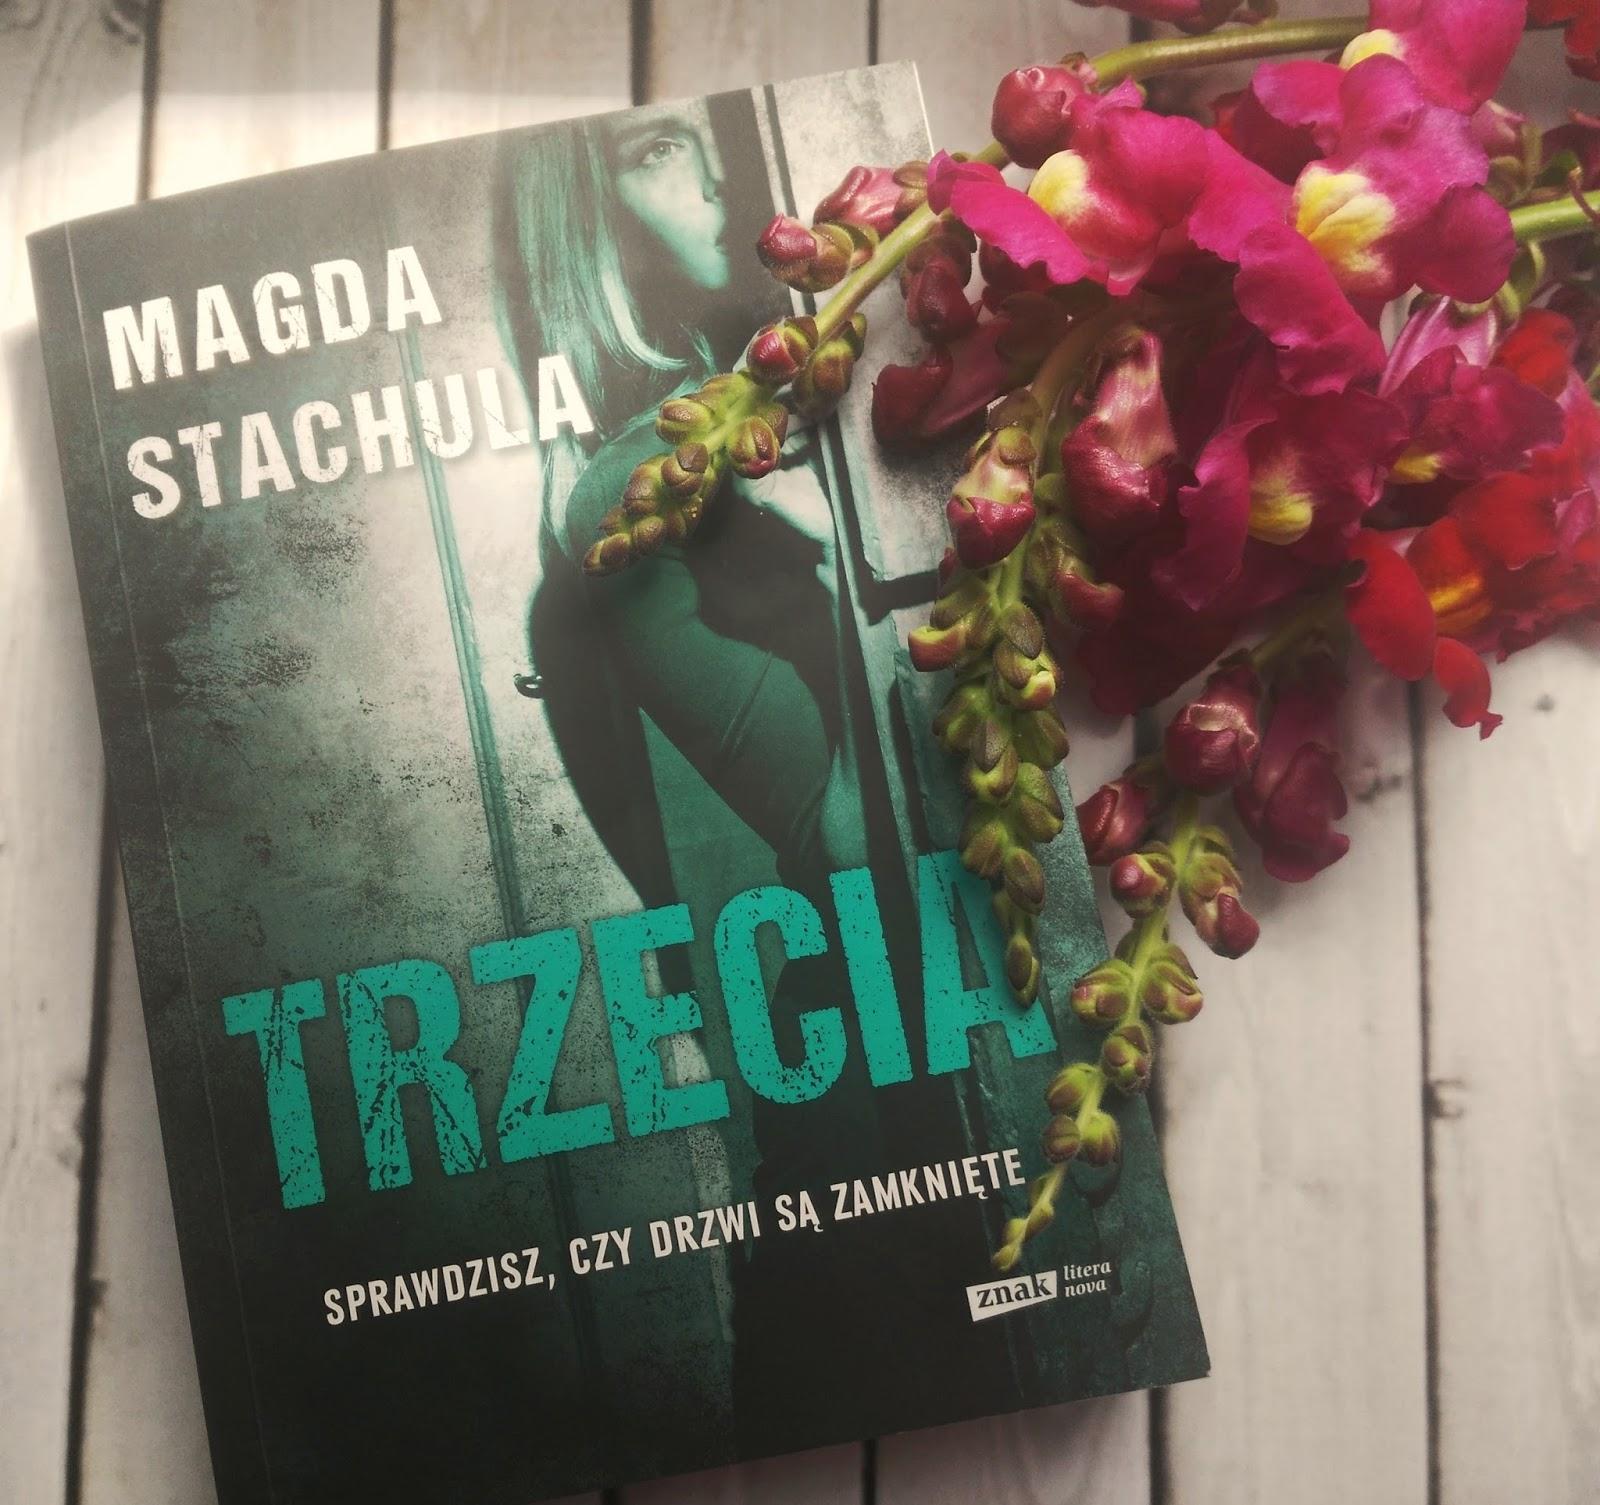 Trzecia, Magda Stachula - recenzja